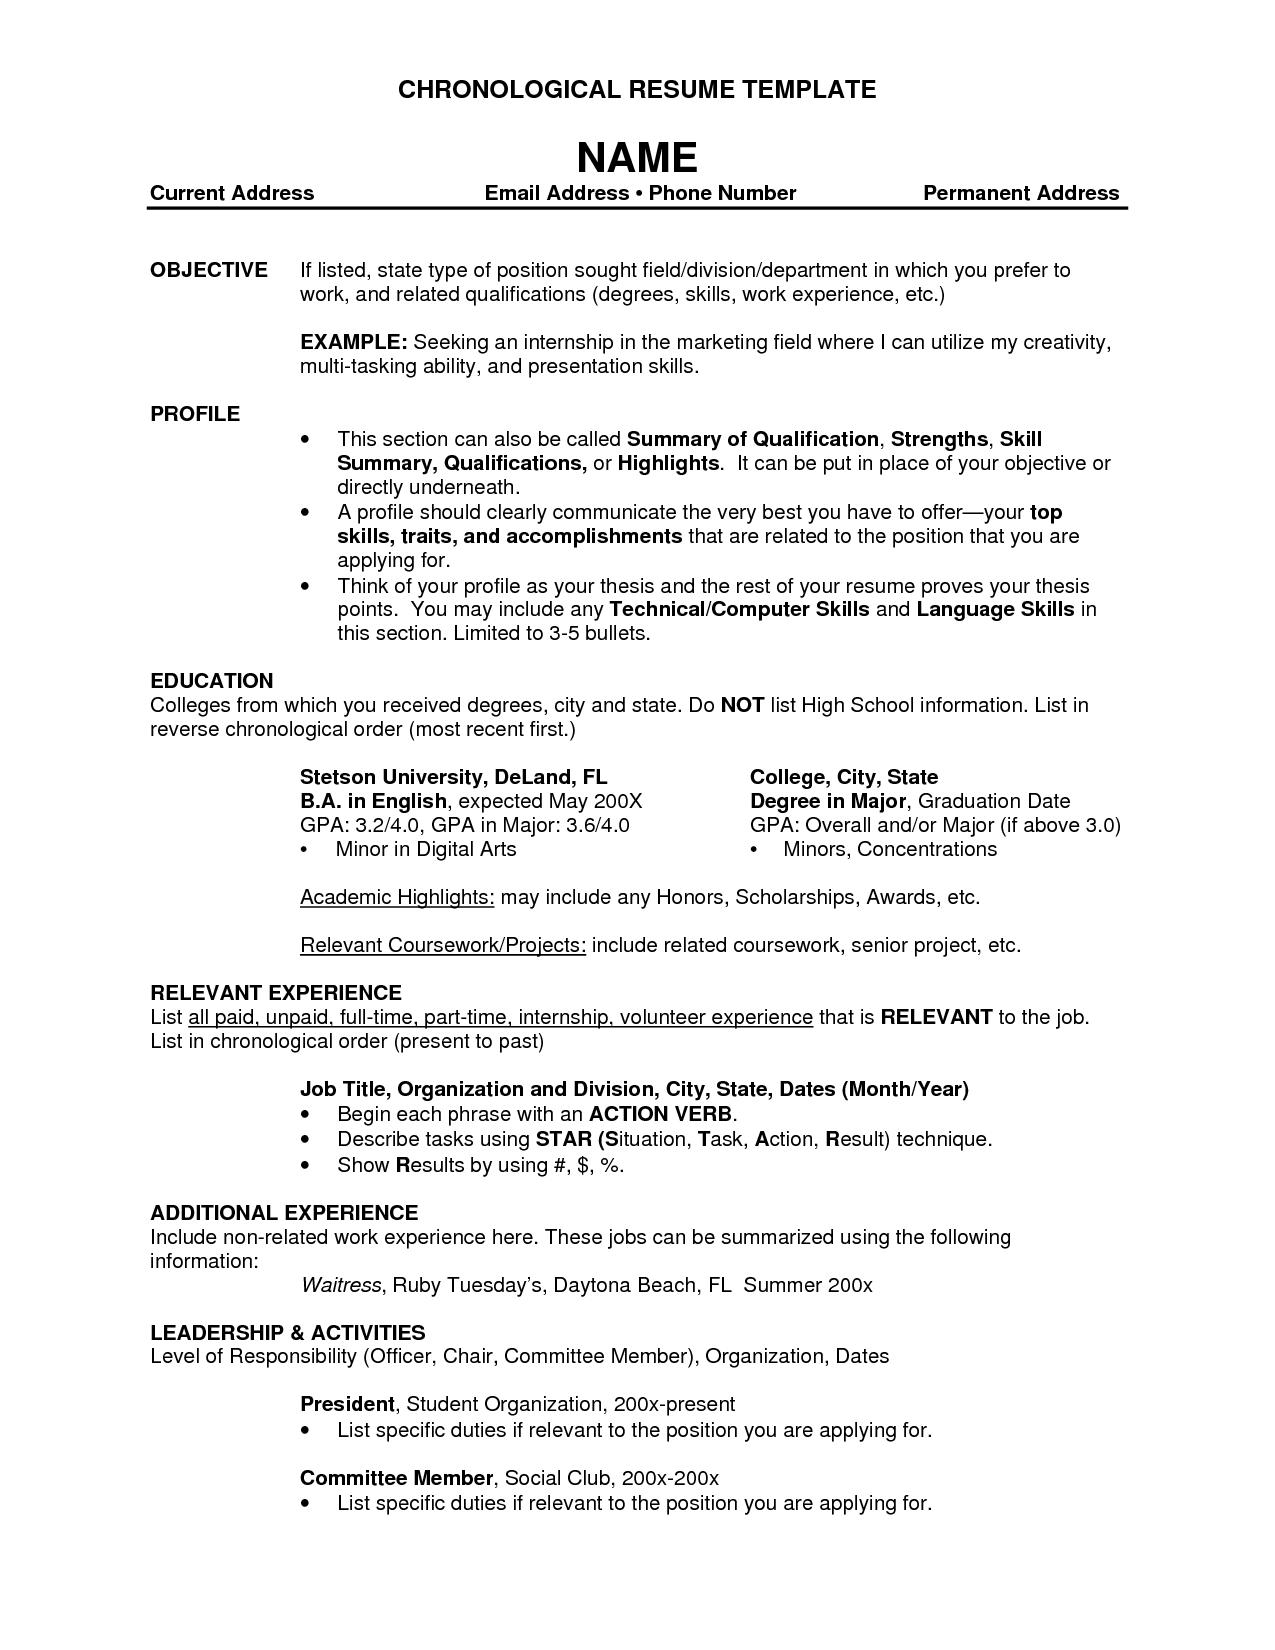 Work Resume Template http//www.jobresume.website/work